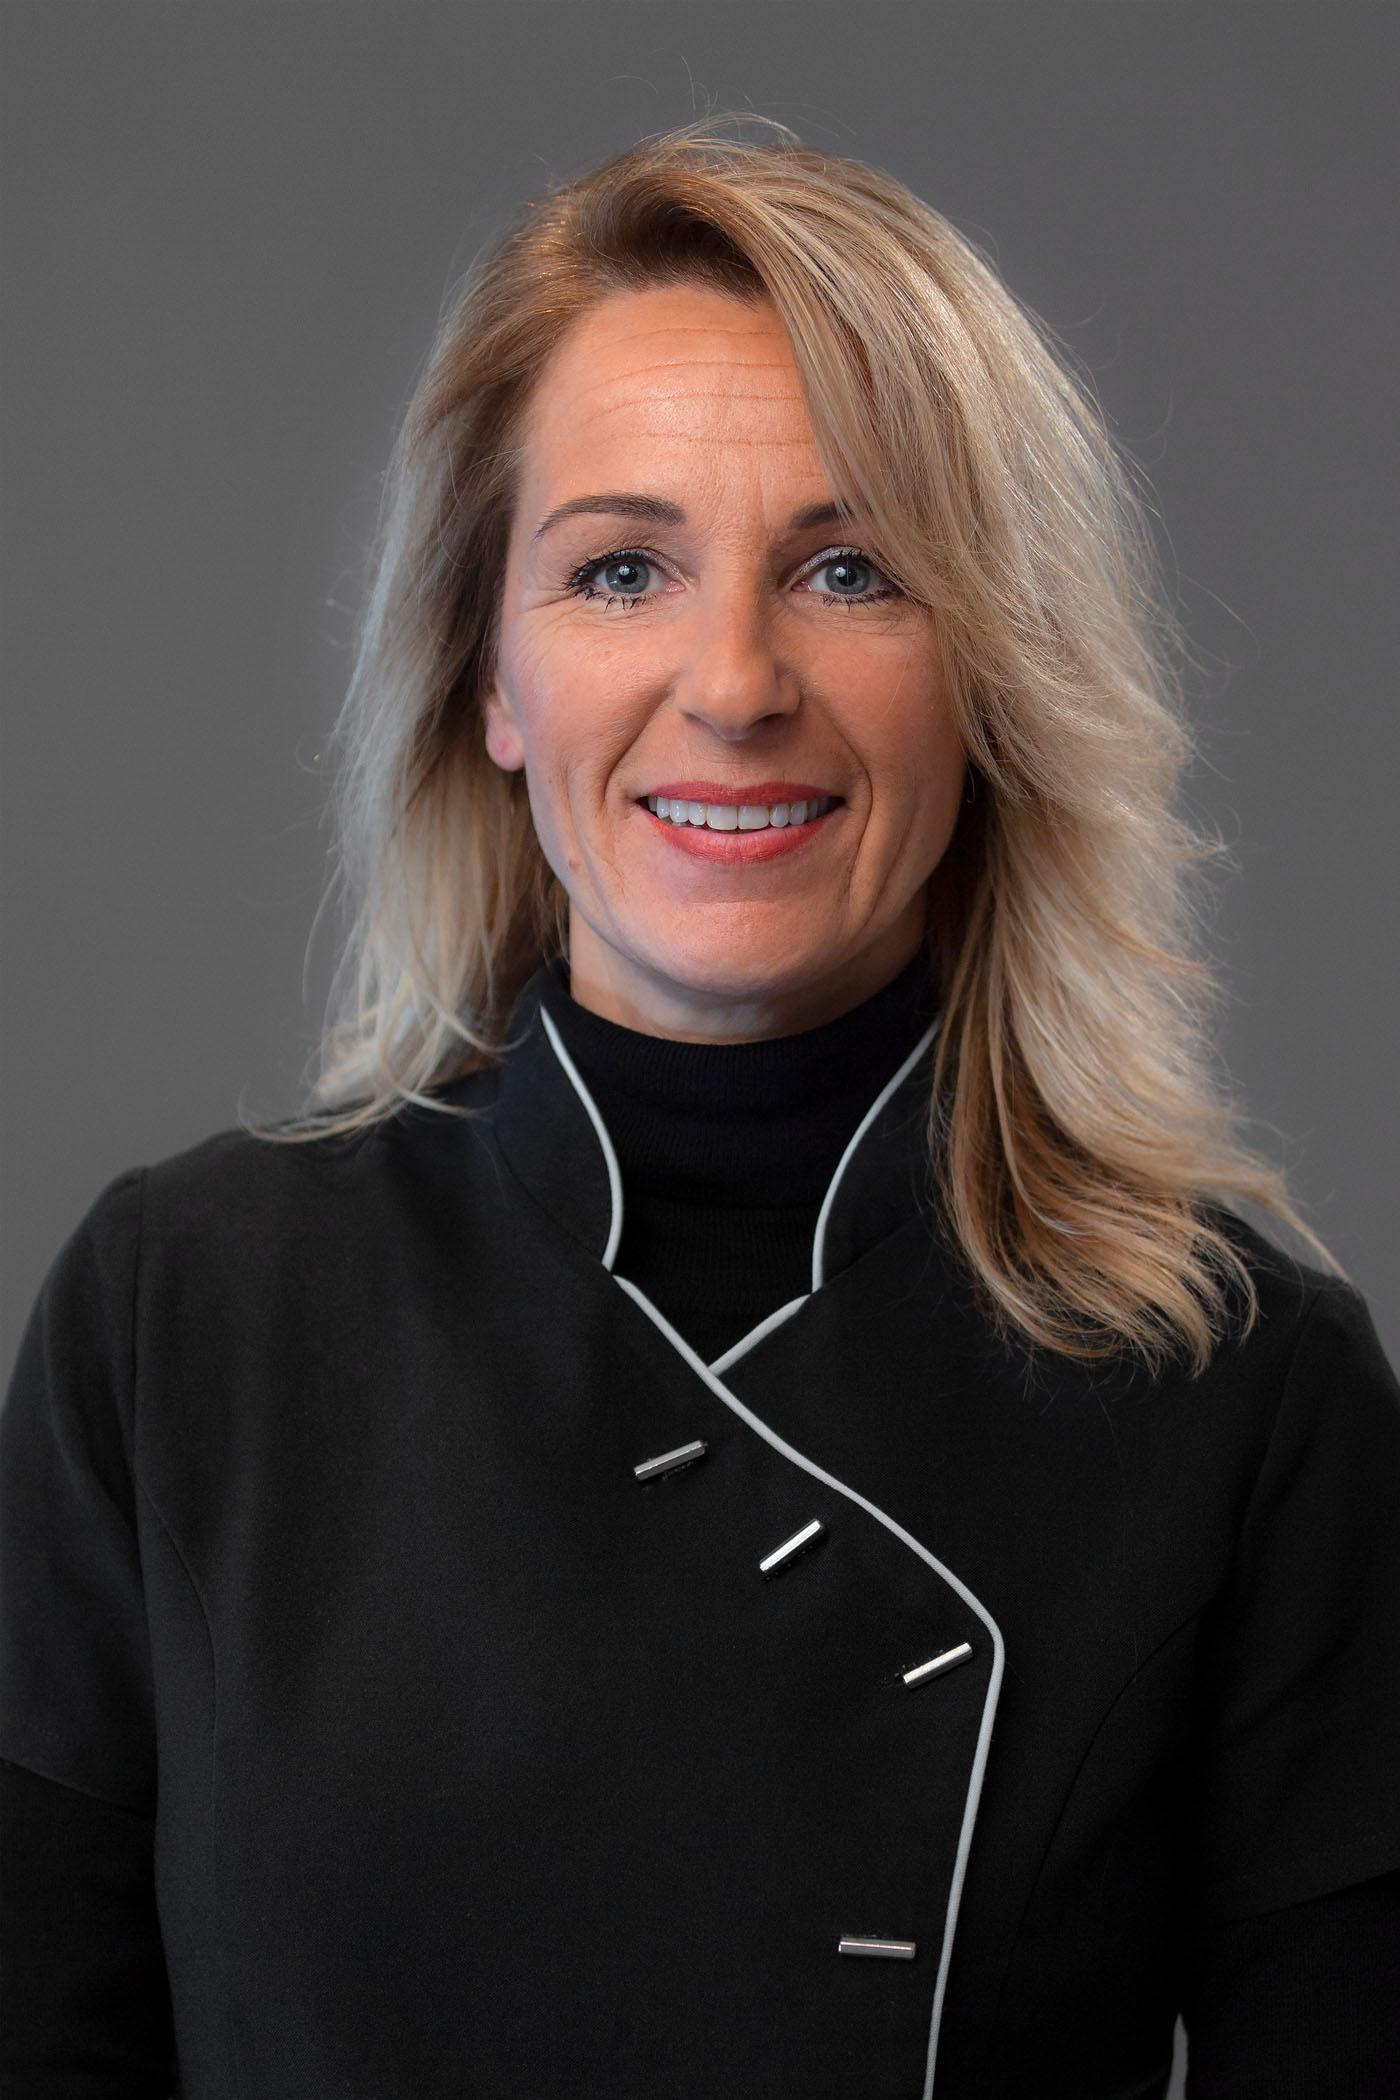 Sabine Blom